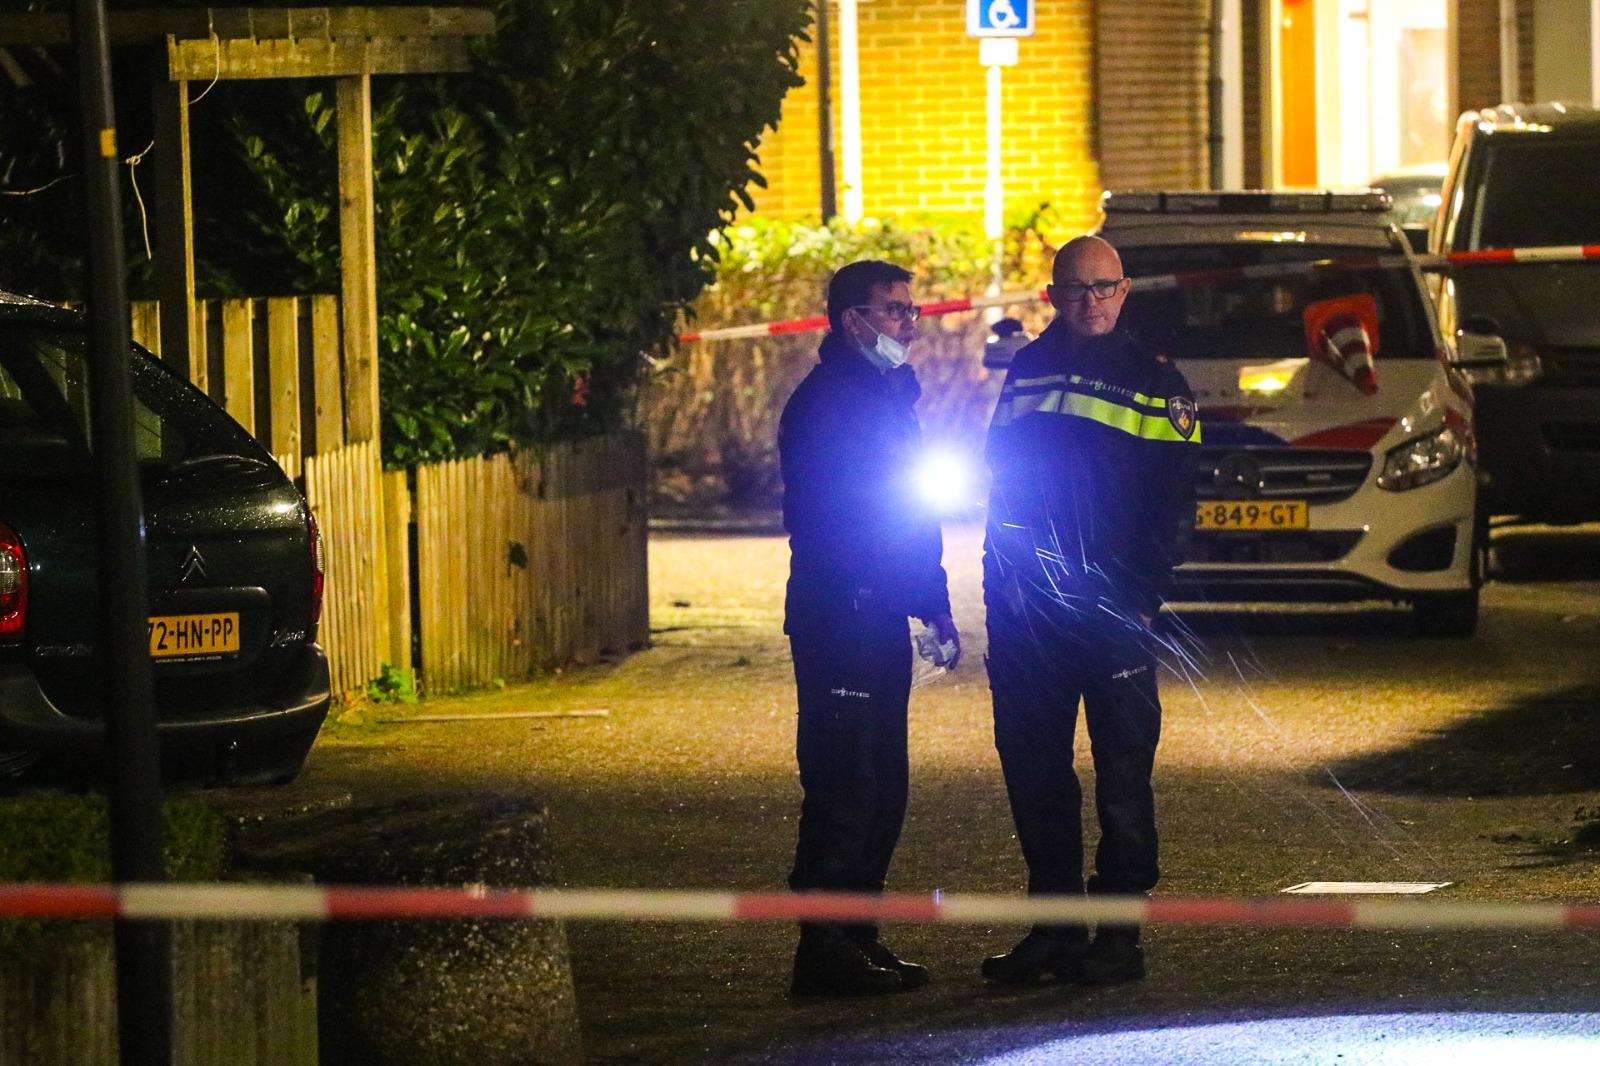 Vier verdachten aangehouden voor schietpartij in Apeldoorn